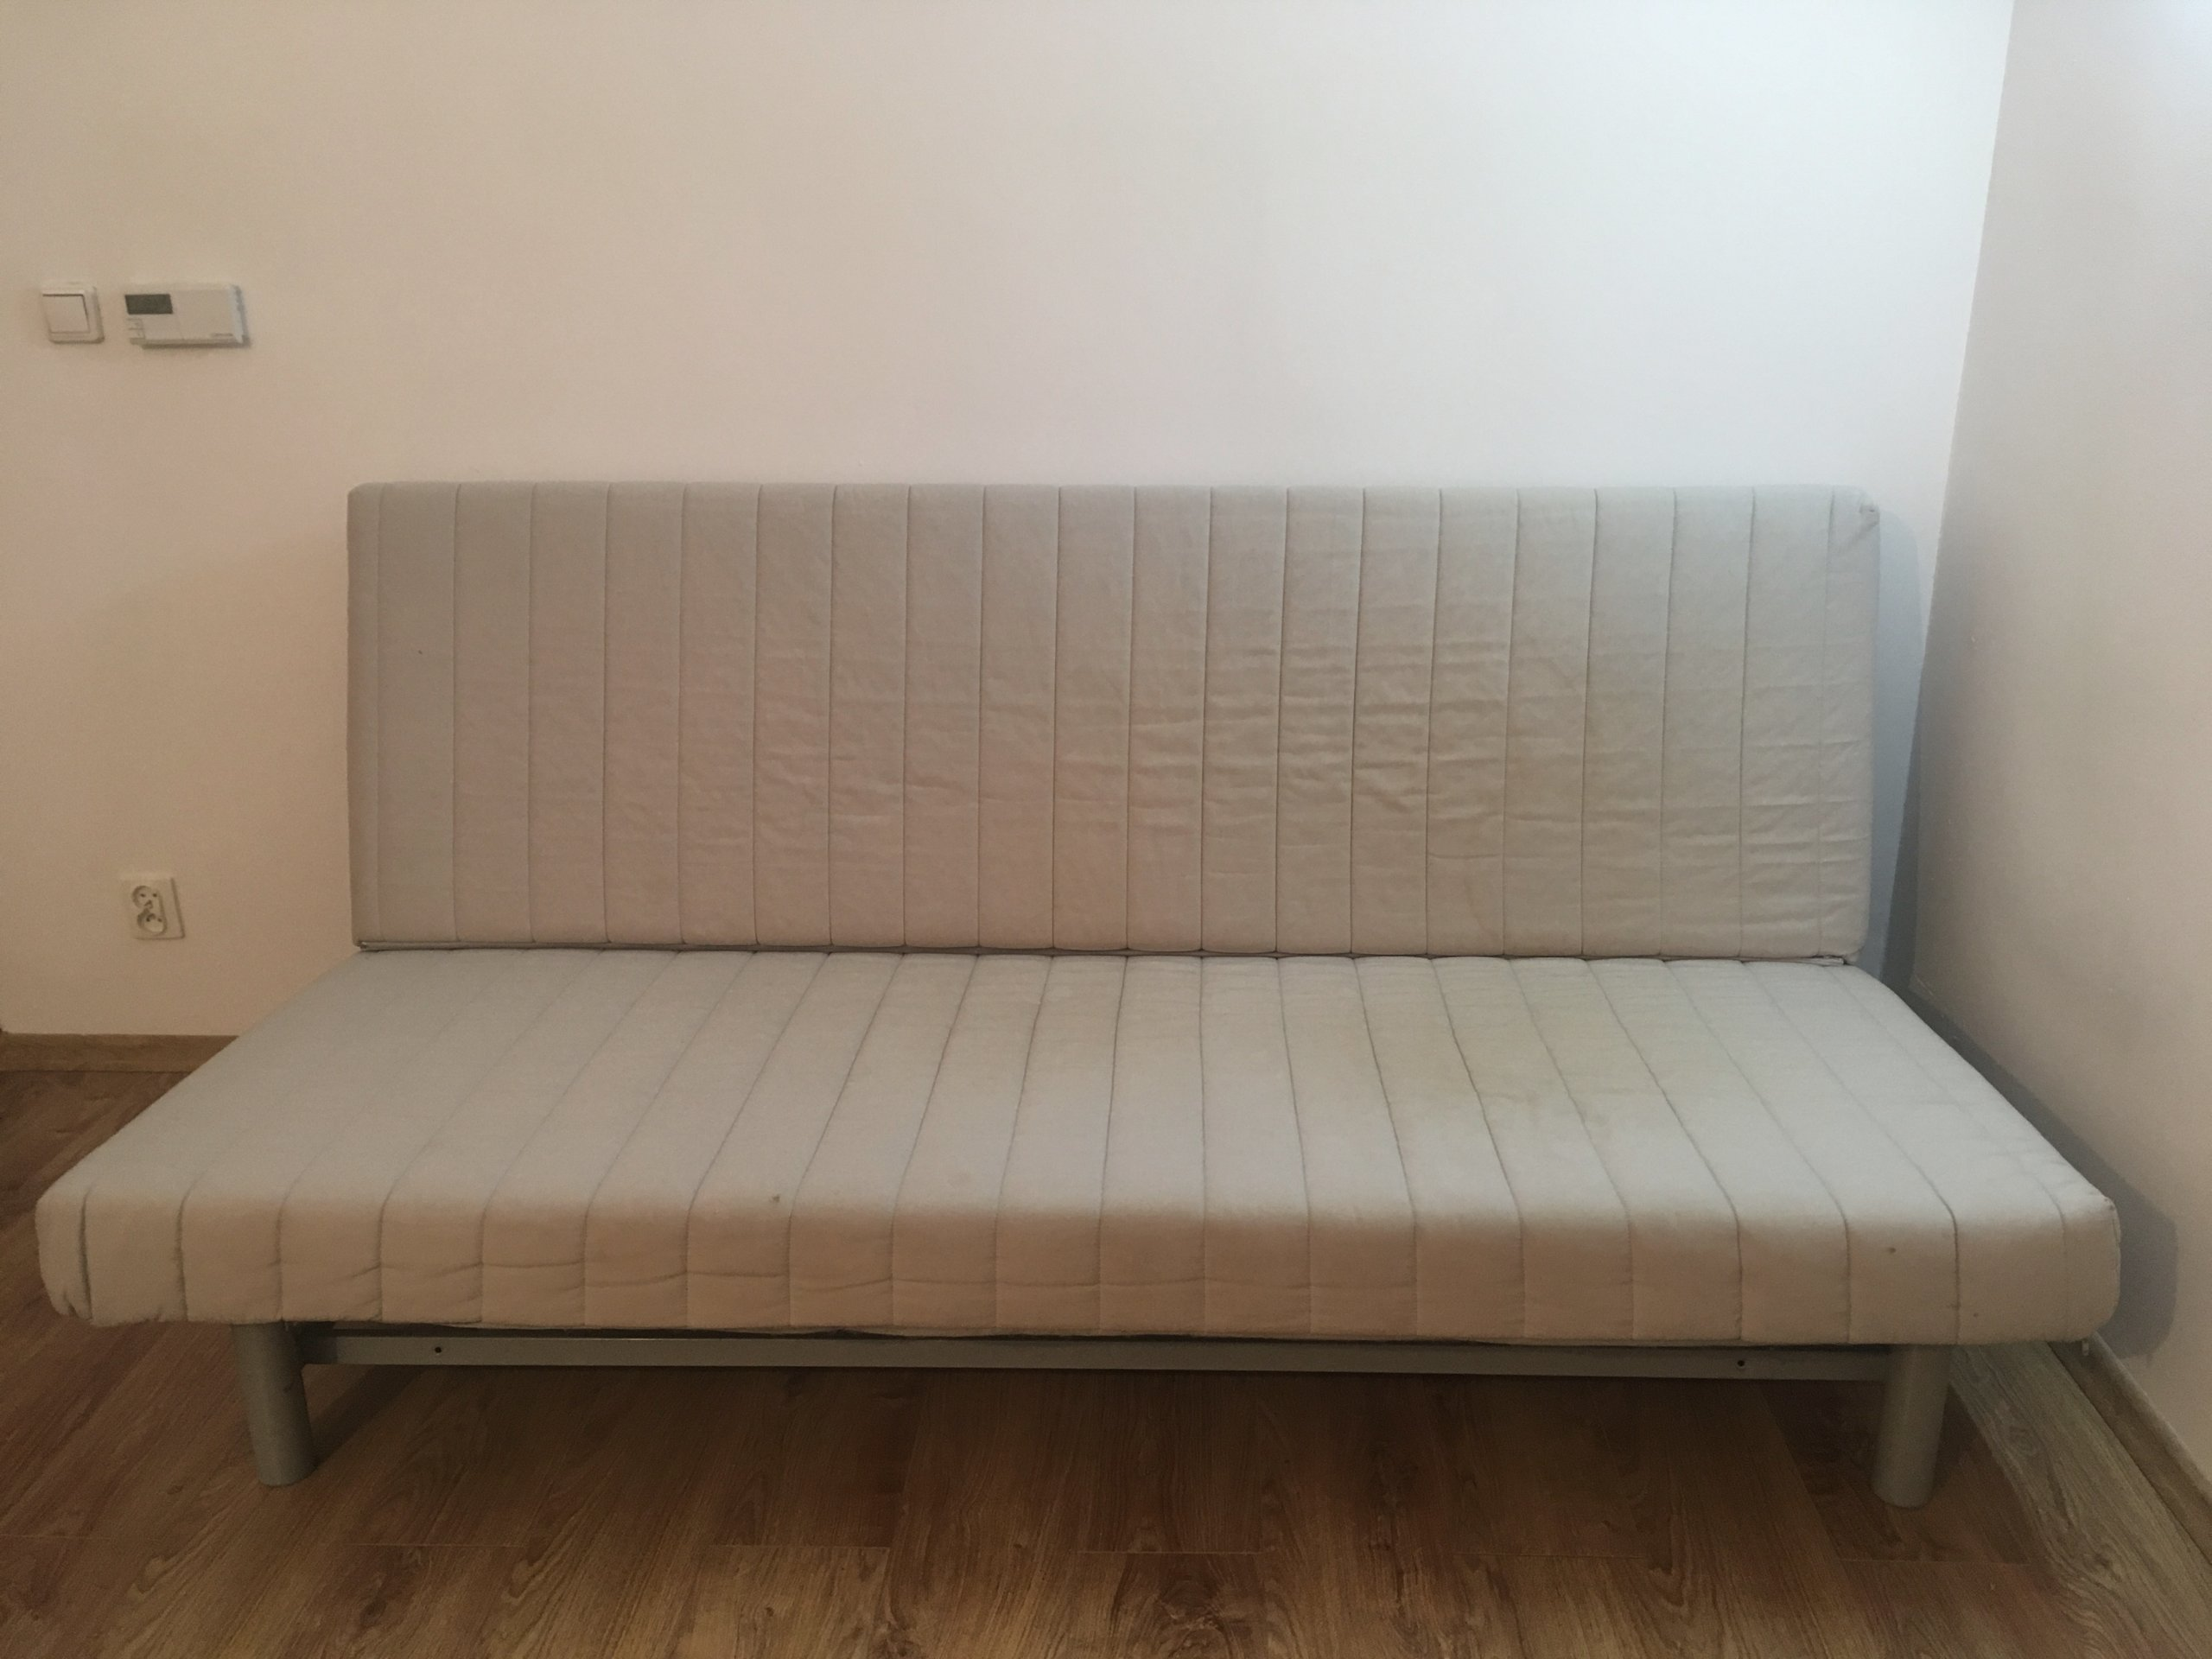 Ikea Beddinge łóżko Rozkładane Sofa 3 Os 7079605510